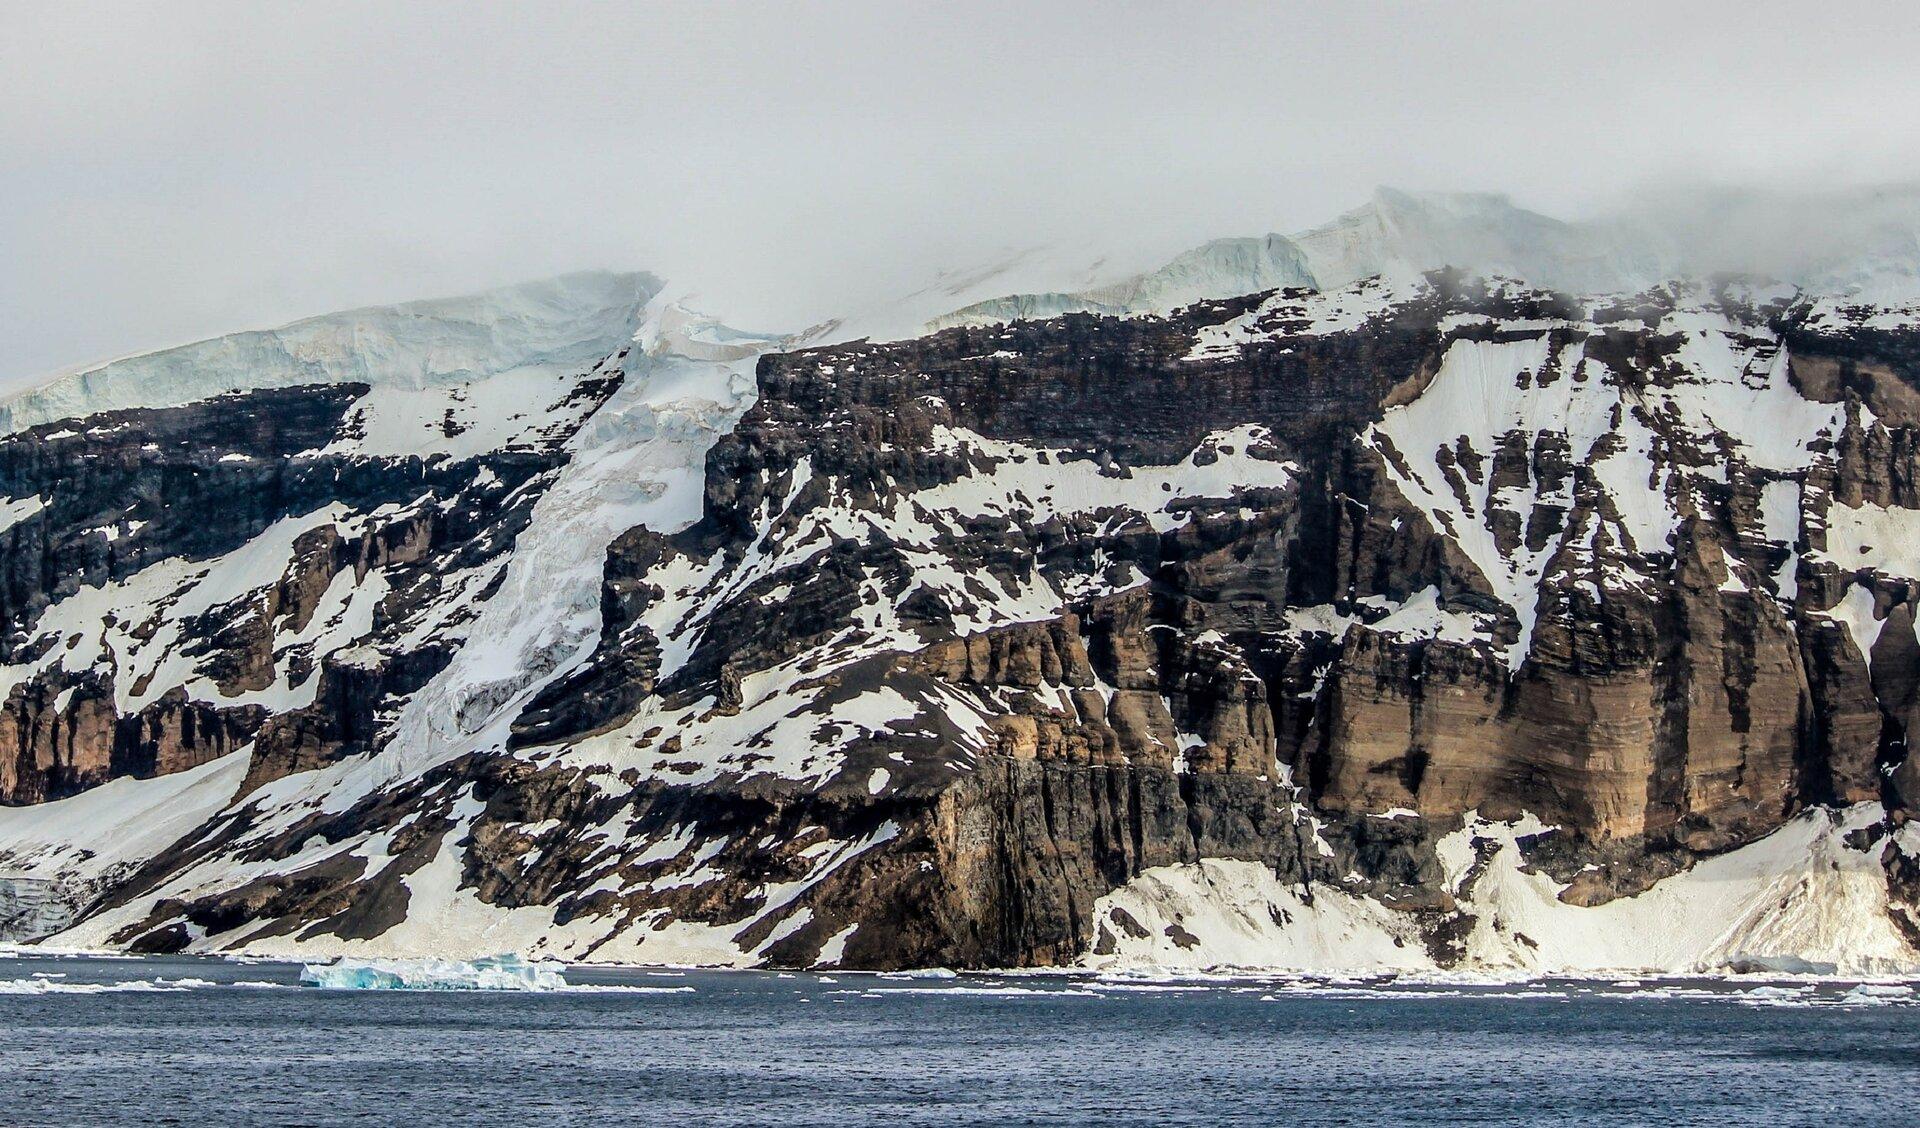 Na fotografii widać skaliste wzniesienie pokryte śniegiem ilodem.